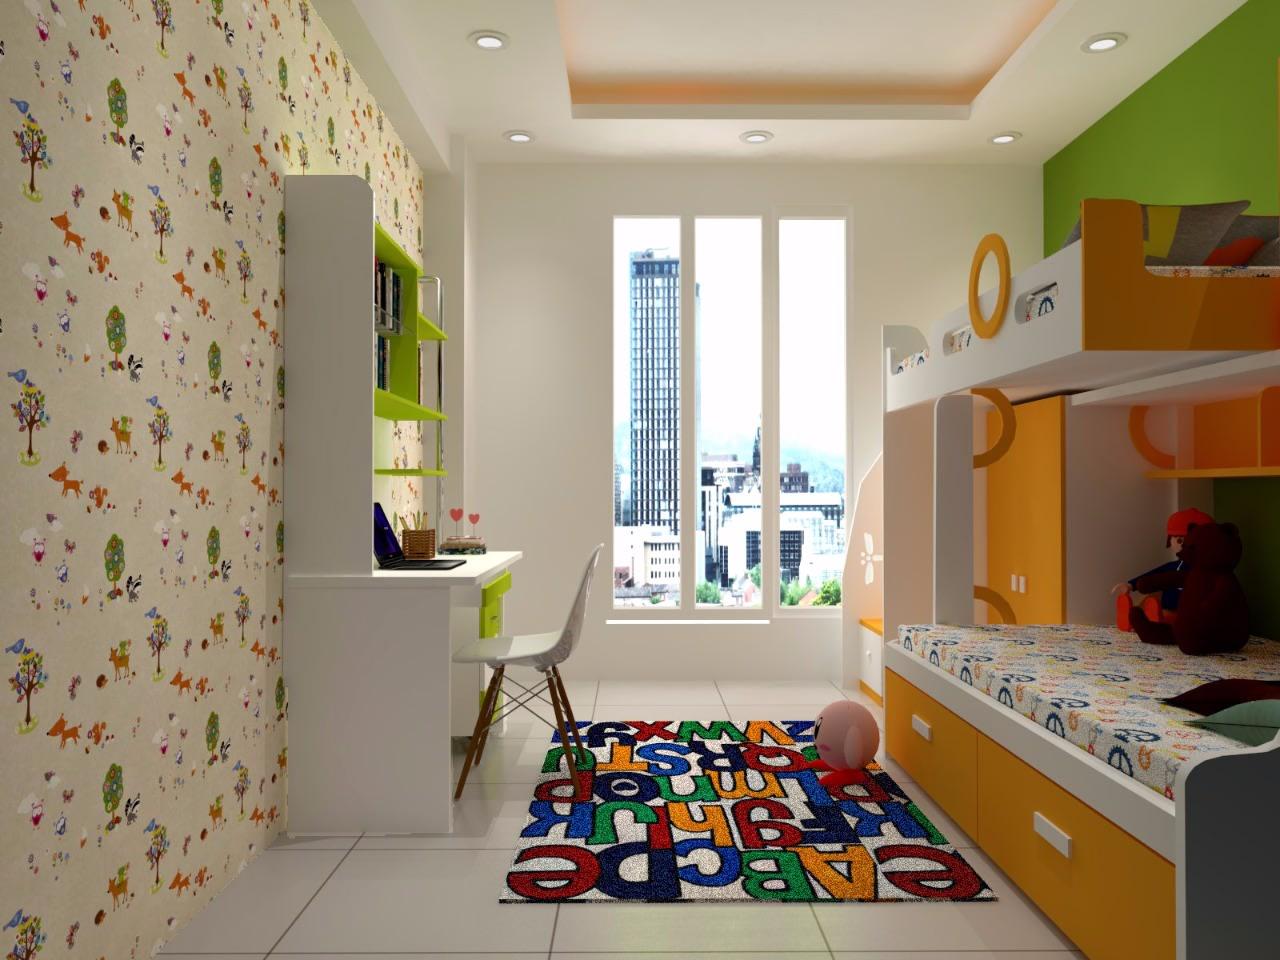 A kids dream by Lalit Kumar Modern | Interior Design Photos & Ideas